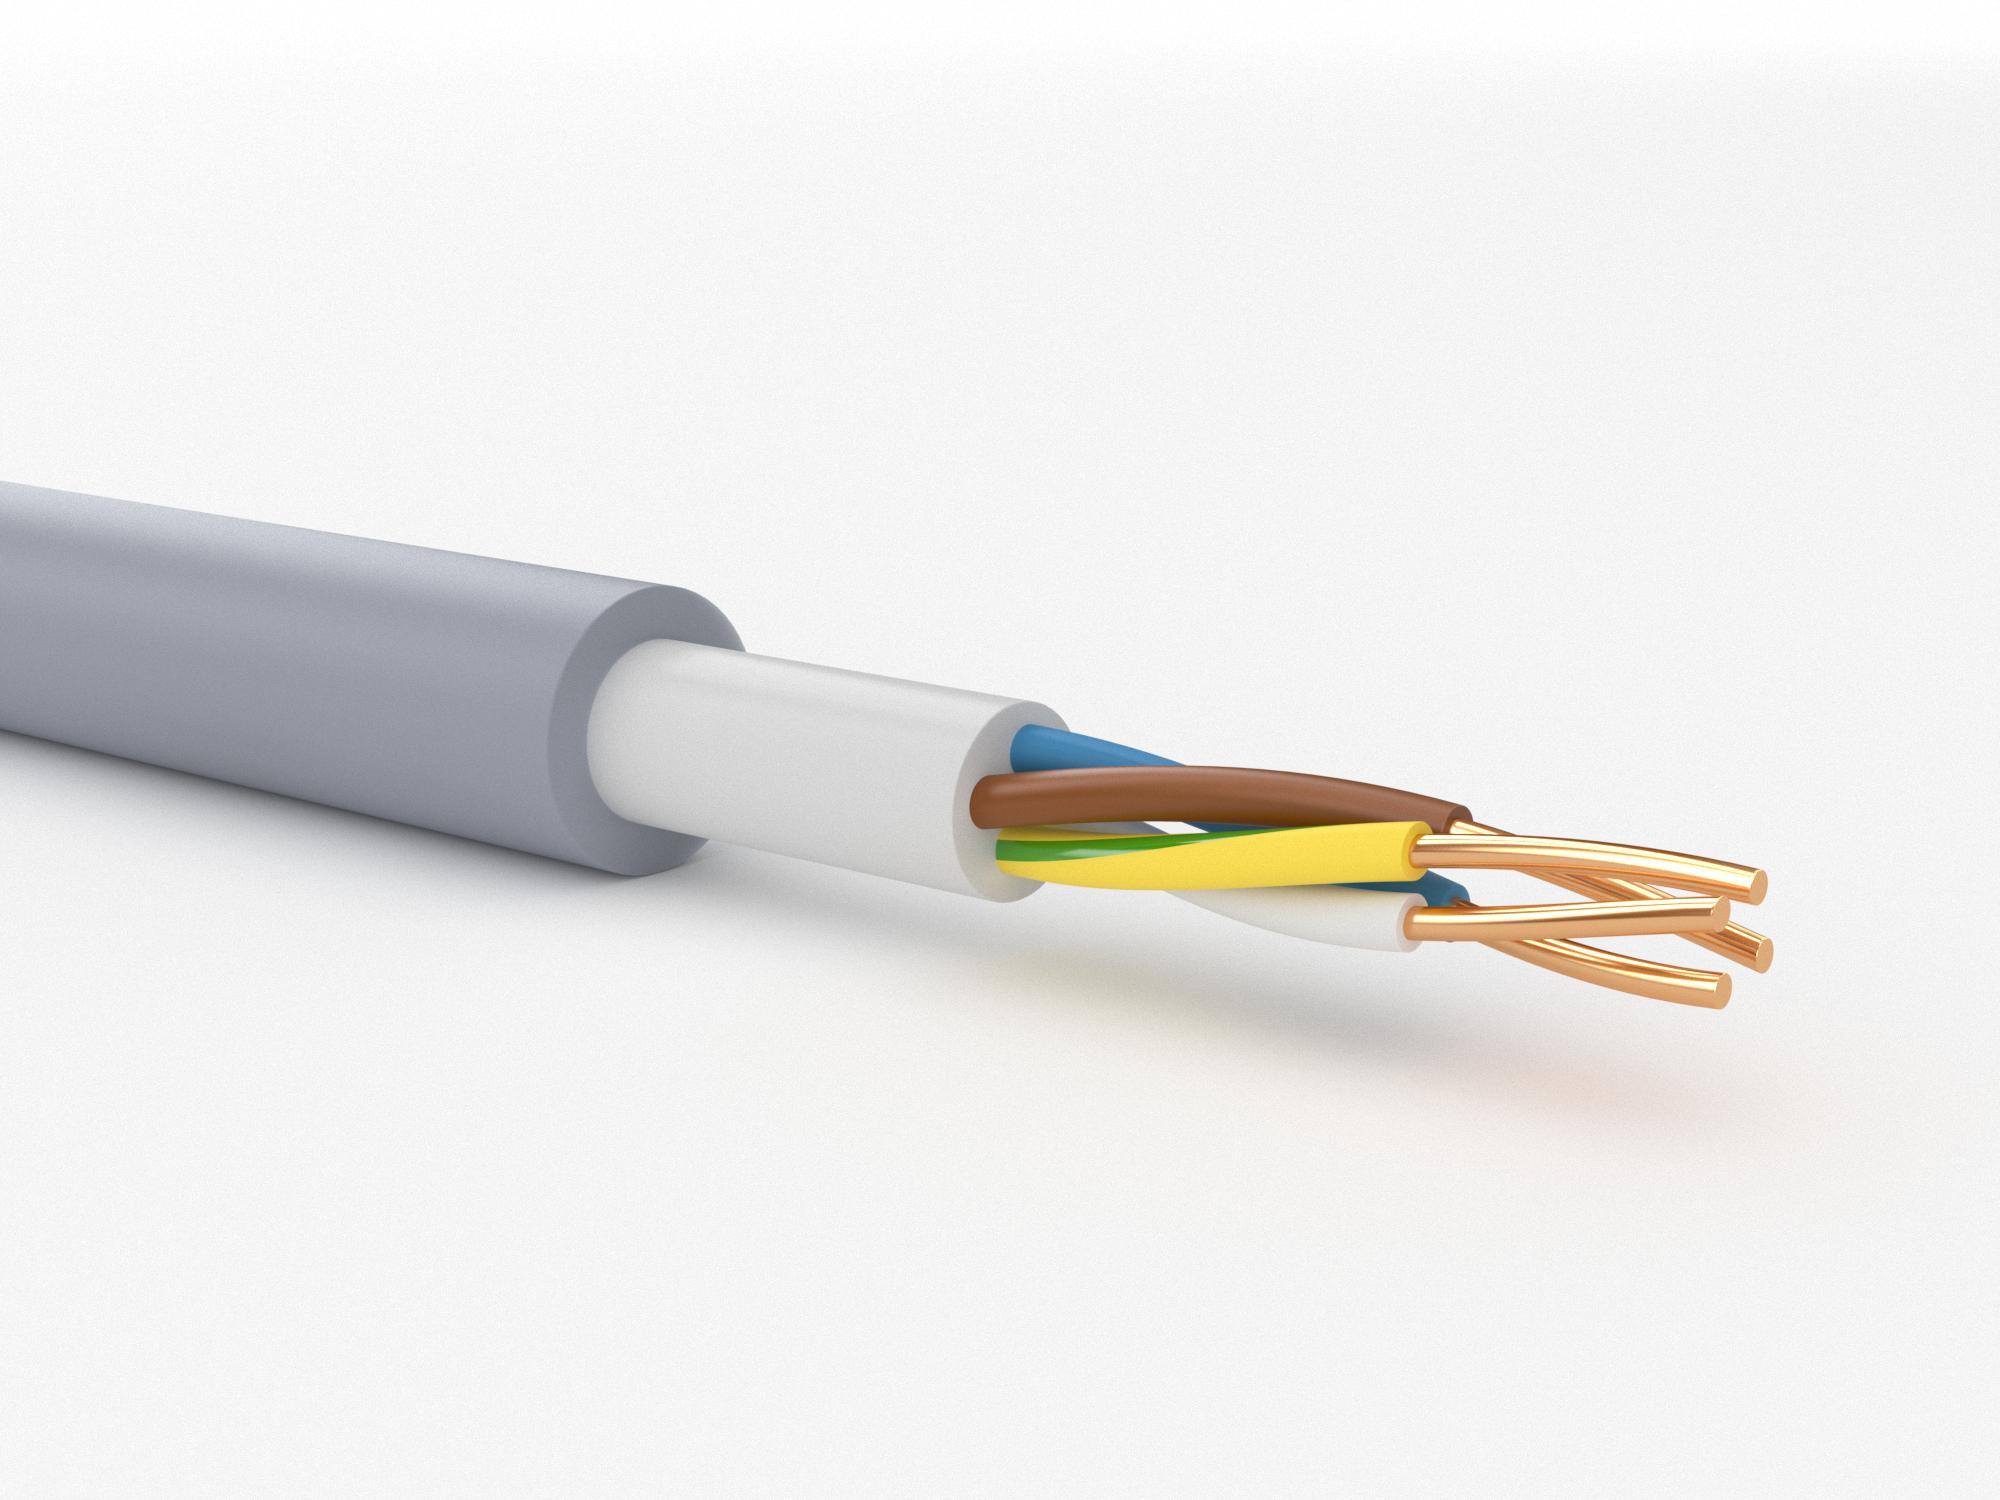 Кабель ПАРТНЕР-ЭЛЕКТРО Nym 4х6 ГОСТ (100м) кабель партнер электро nym 2х1 5 гост 100м